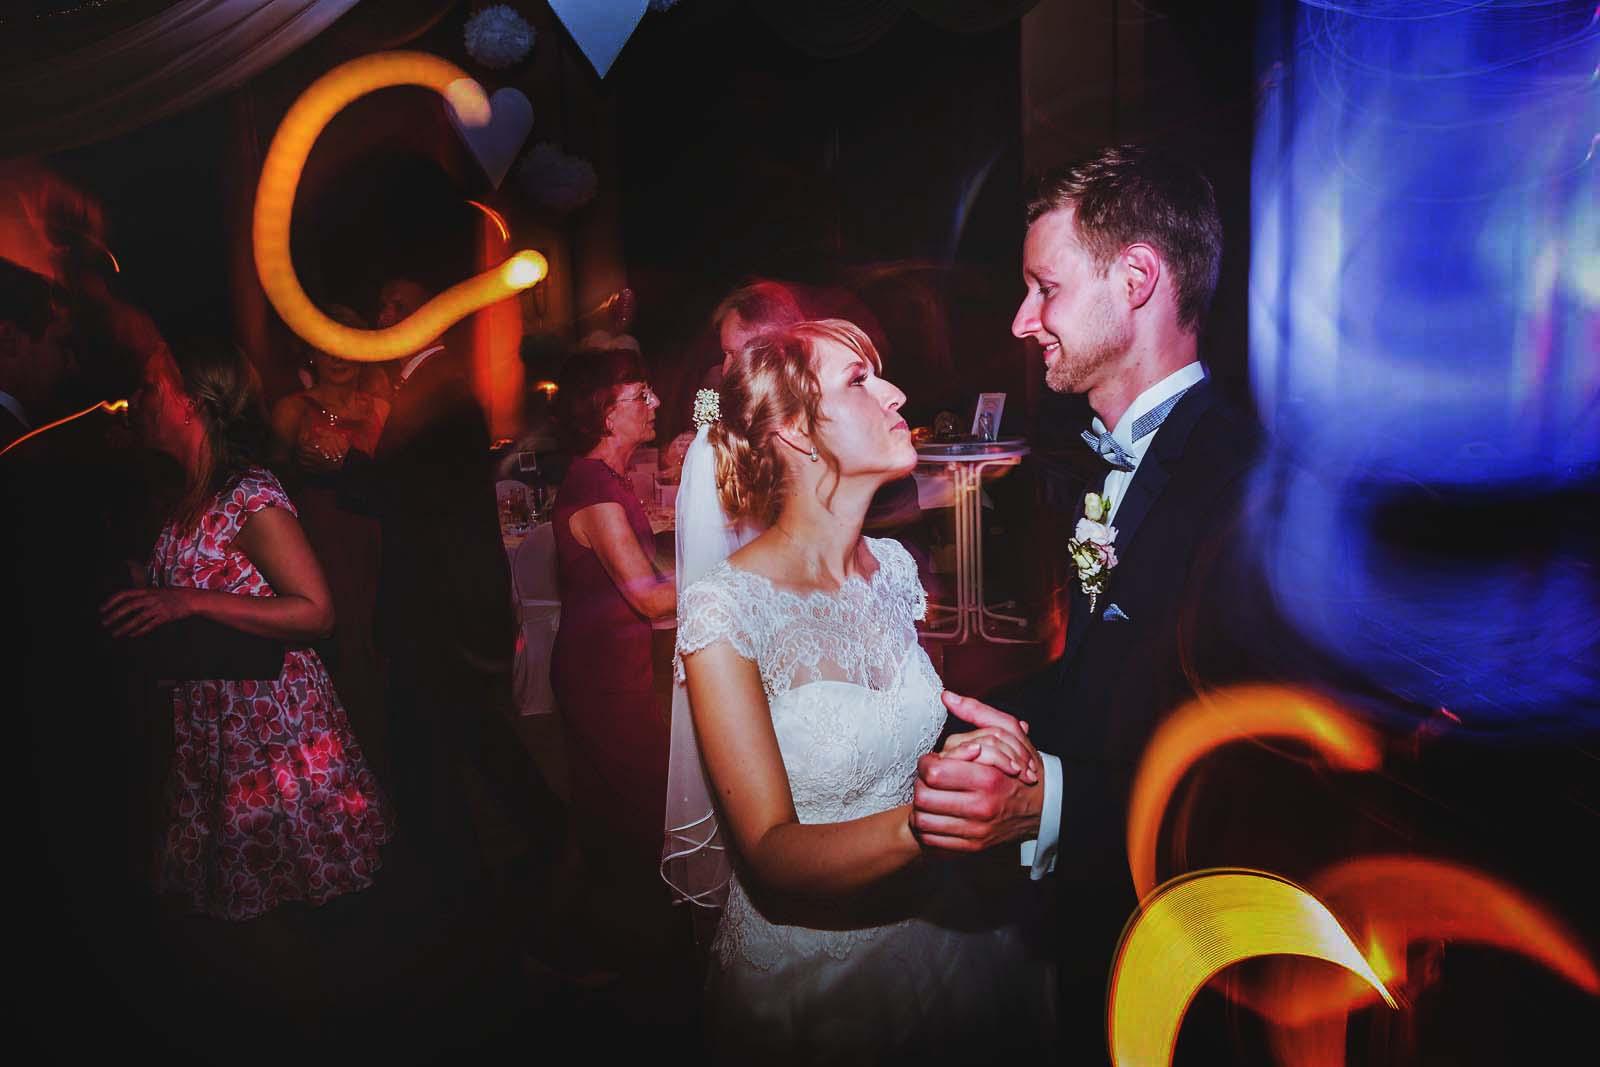 Brautpaar waehrend der Party Foto vom professionellem Hochzeitsfotograf Copyright by Hochzeitsfotograf www.berliner-hochzeitsfotografie.de